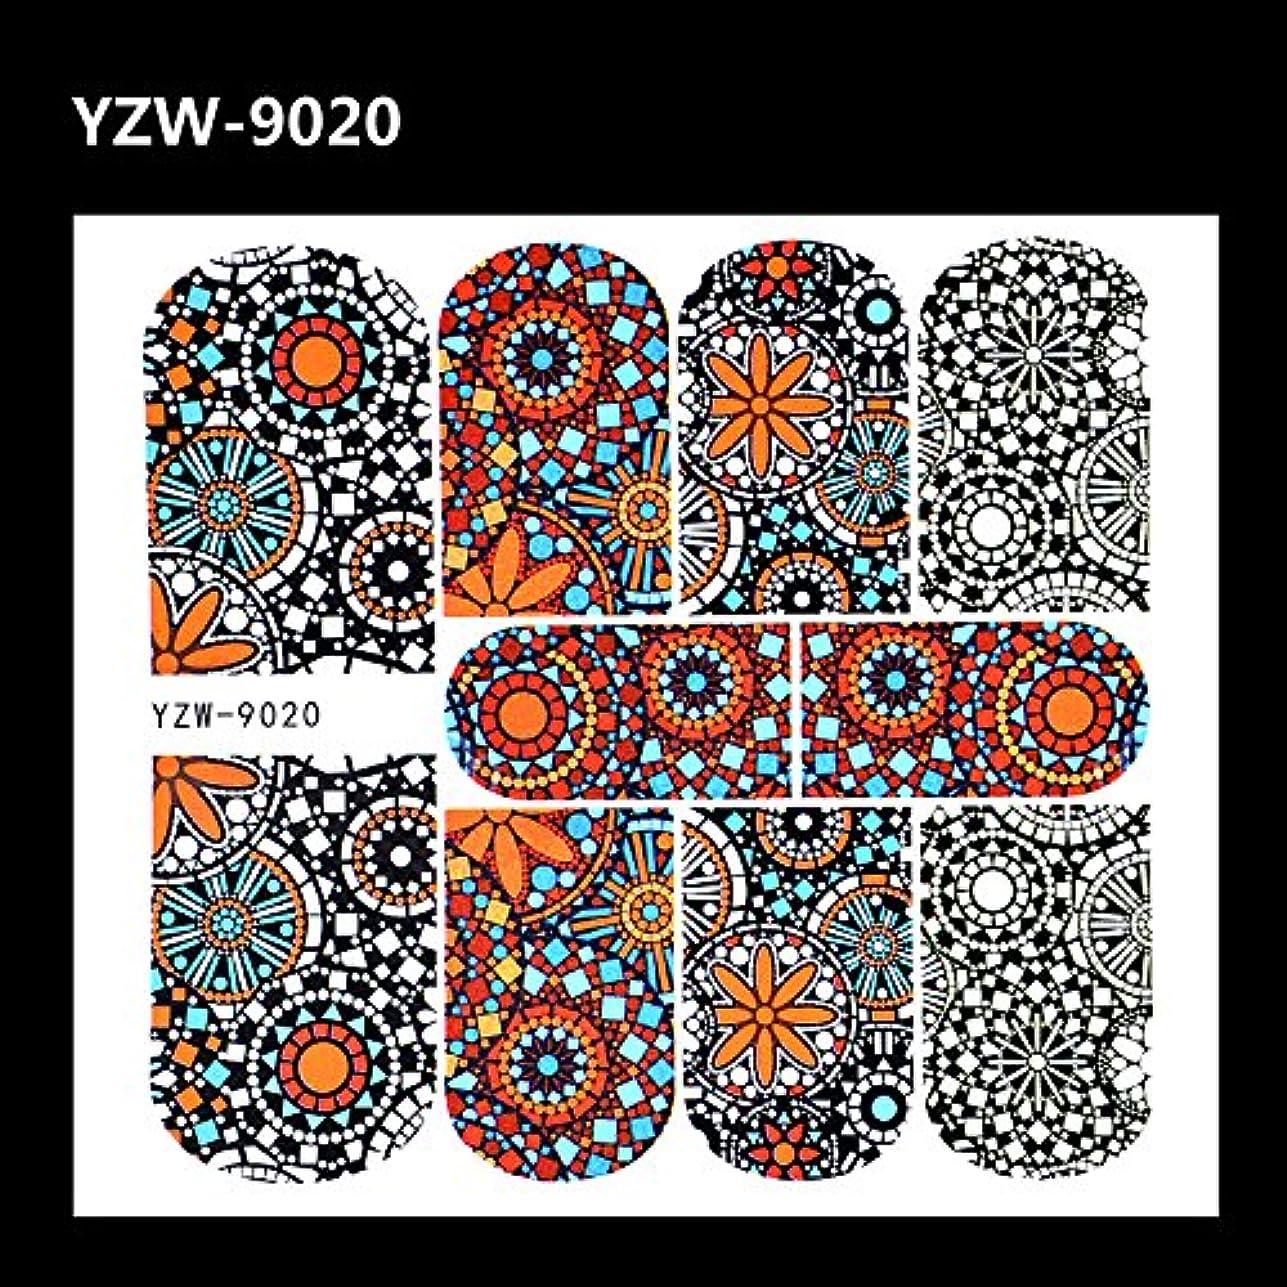 休み不要続編SUKTI&XIAO ネイルステッカー 1シートレトロカラフルな芸術的な印刷デザインフルラップネイルアートステッカー水転写マニキュアデカール